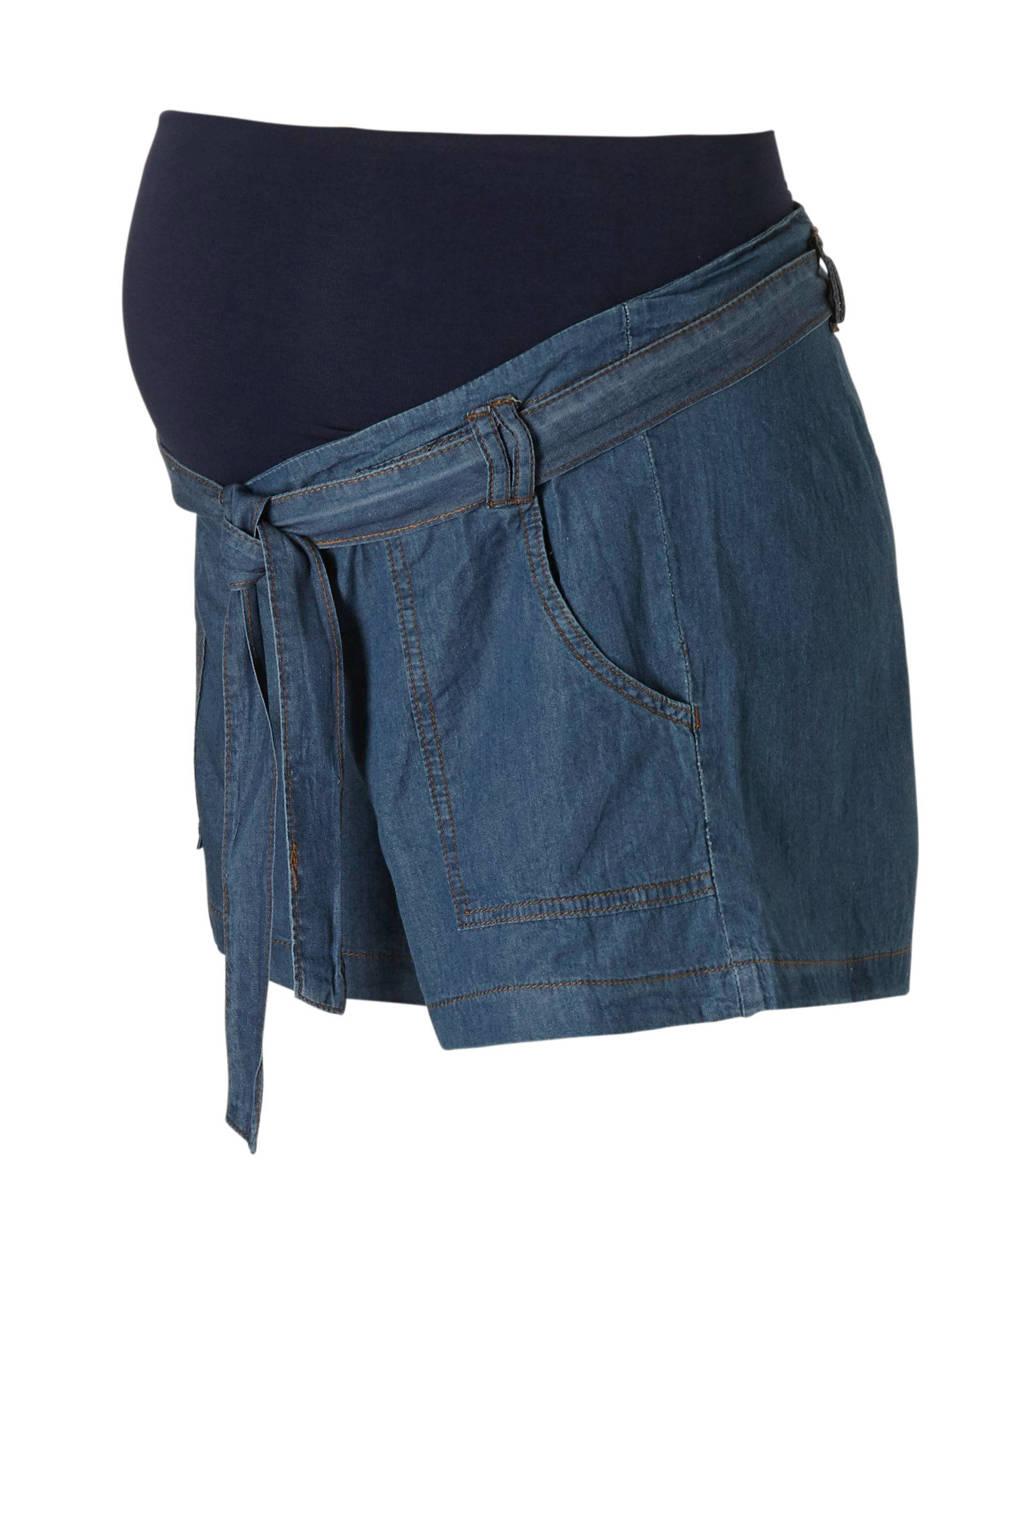 ohma! zwangerschaps jeans short, Dark denim